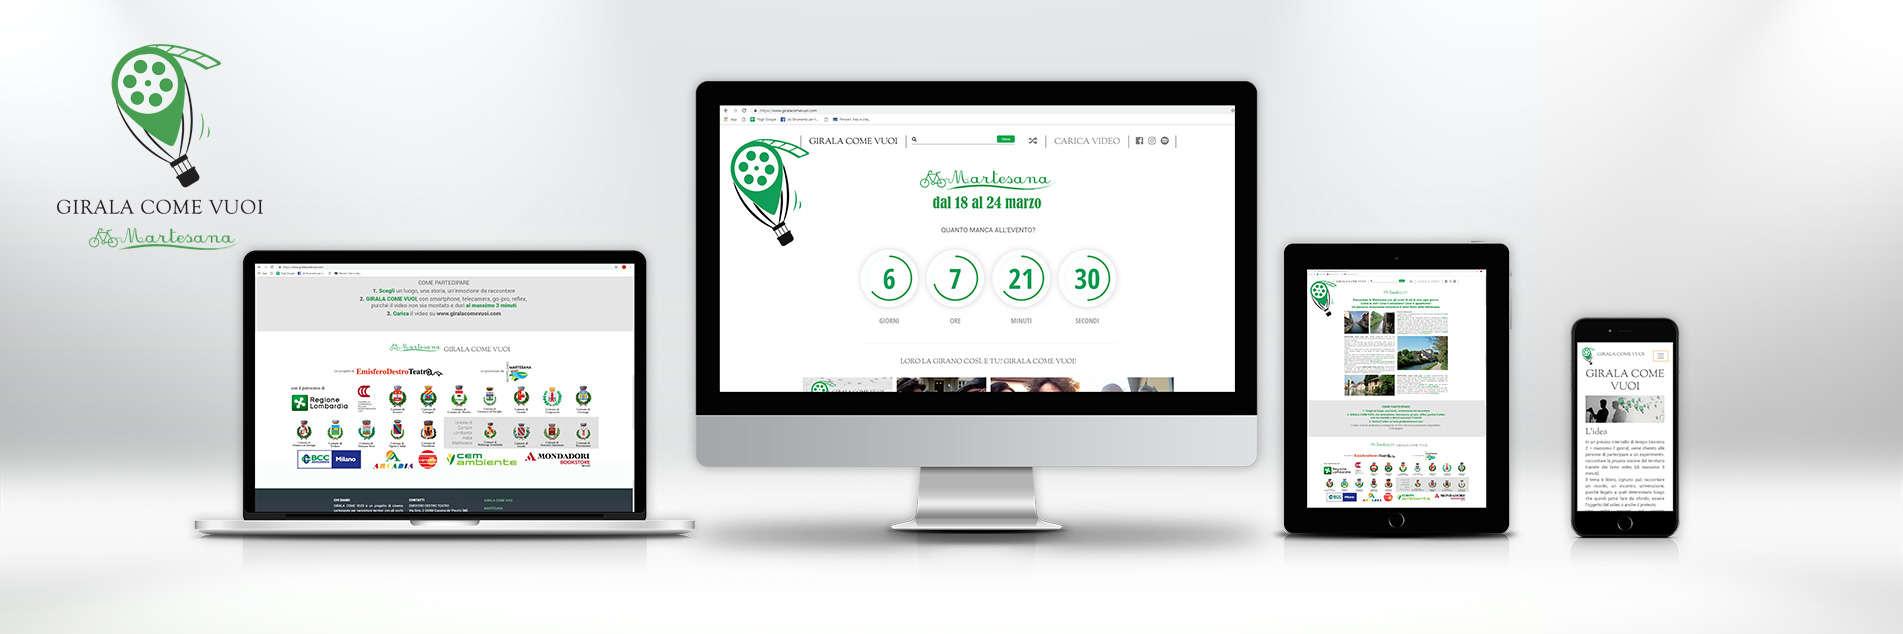 Girala come vuoi, online la nuova piattaforma di land telling